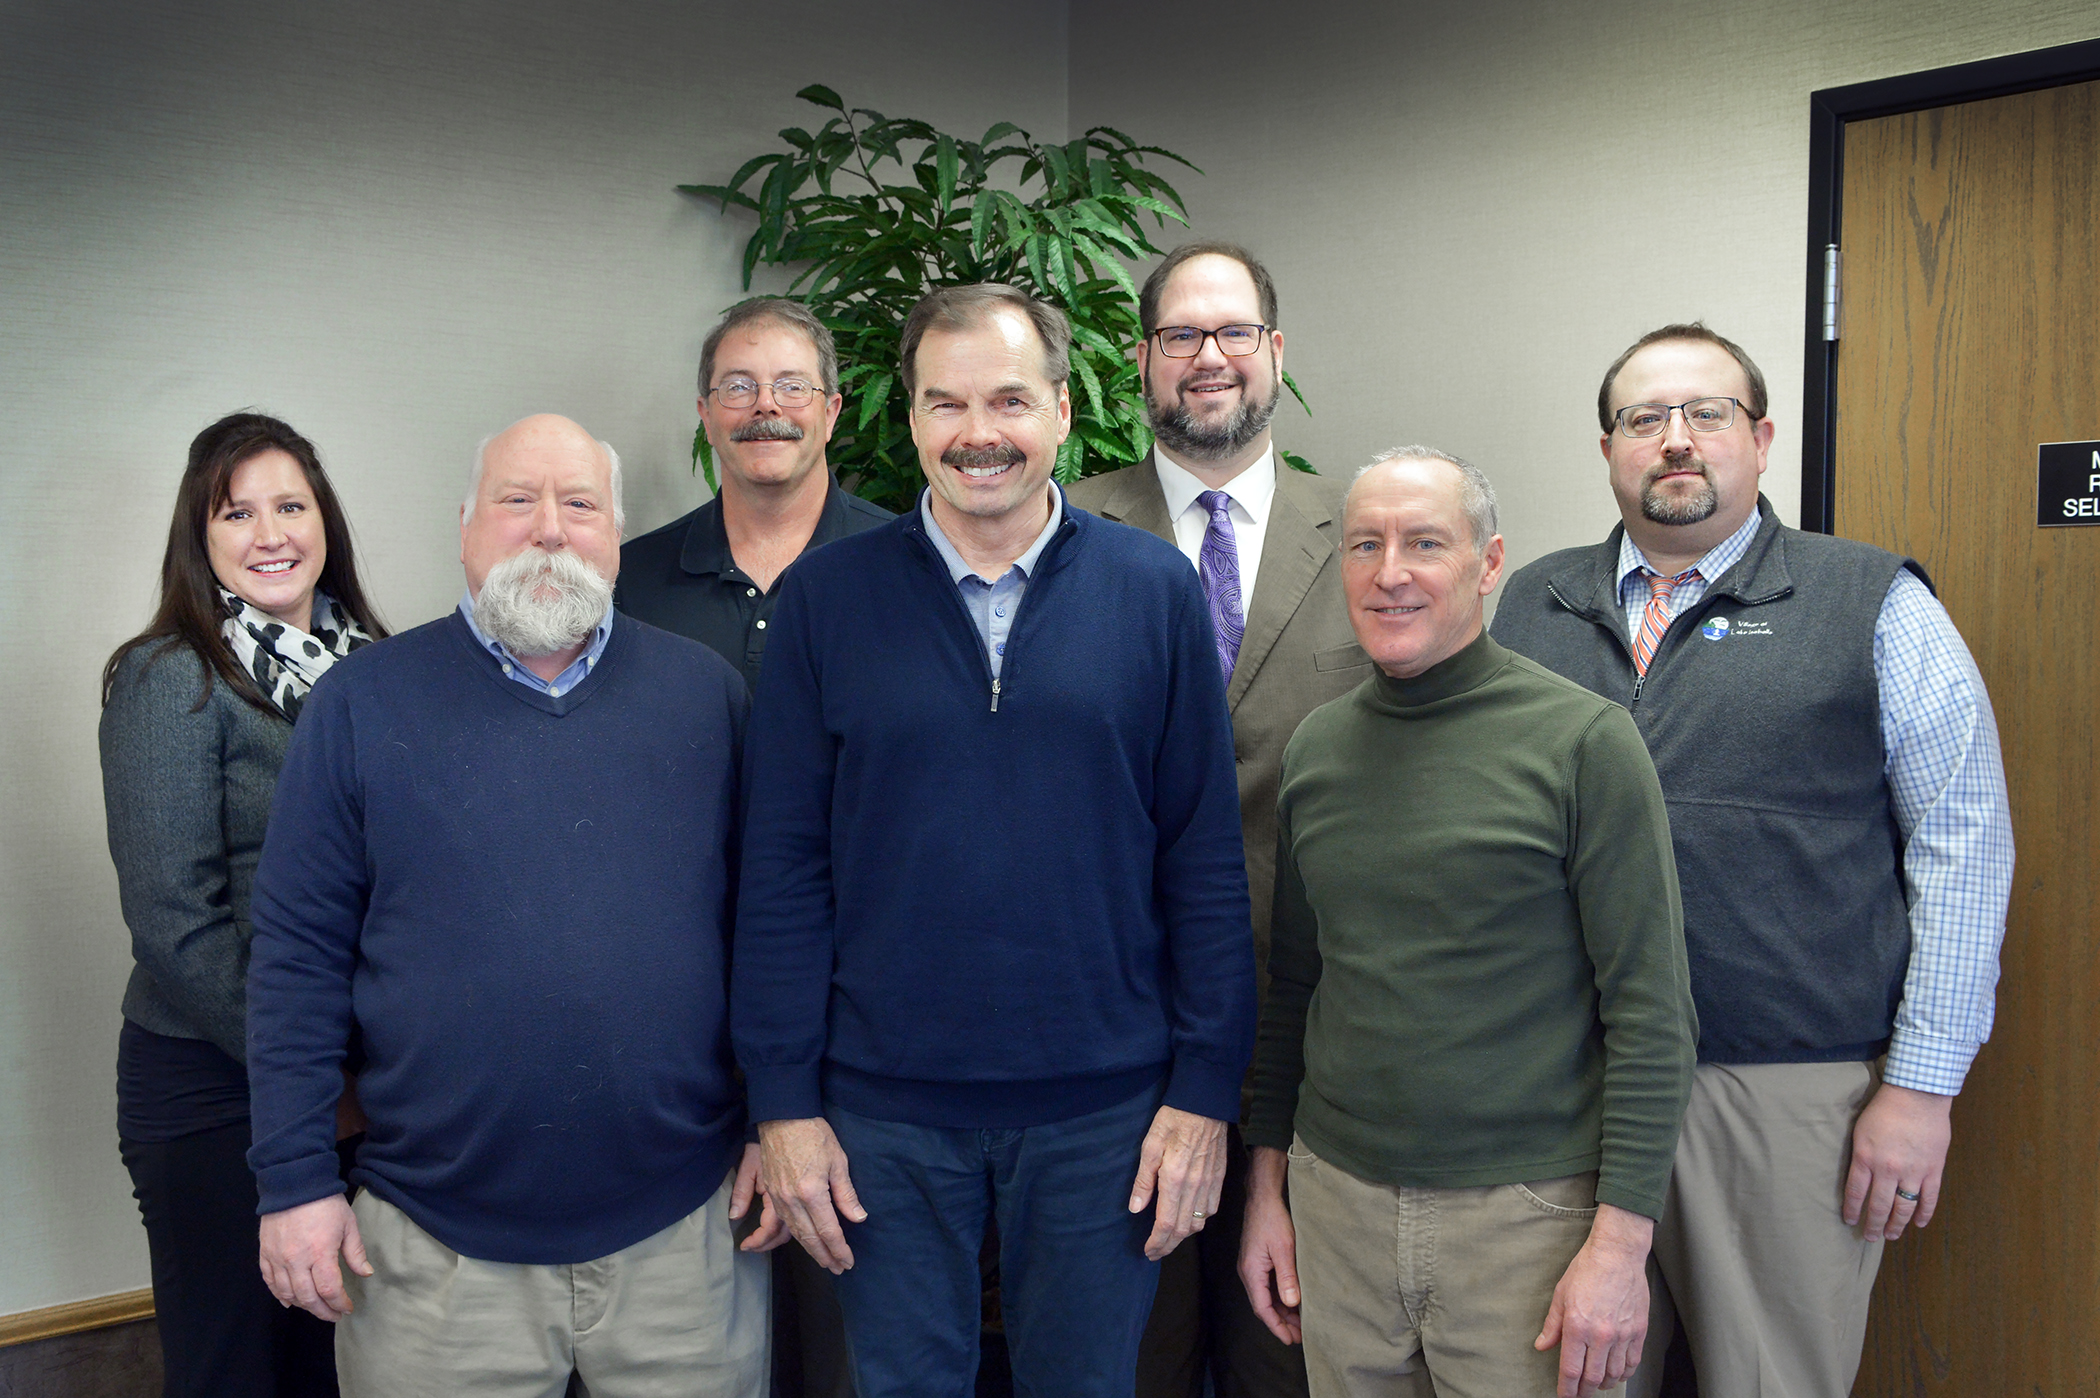 Board of Directors MiWB MI